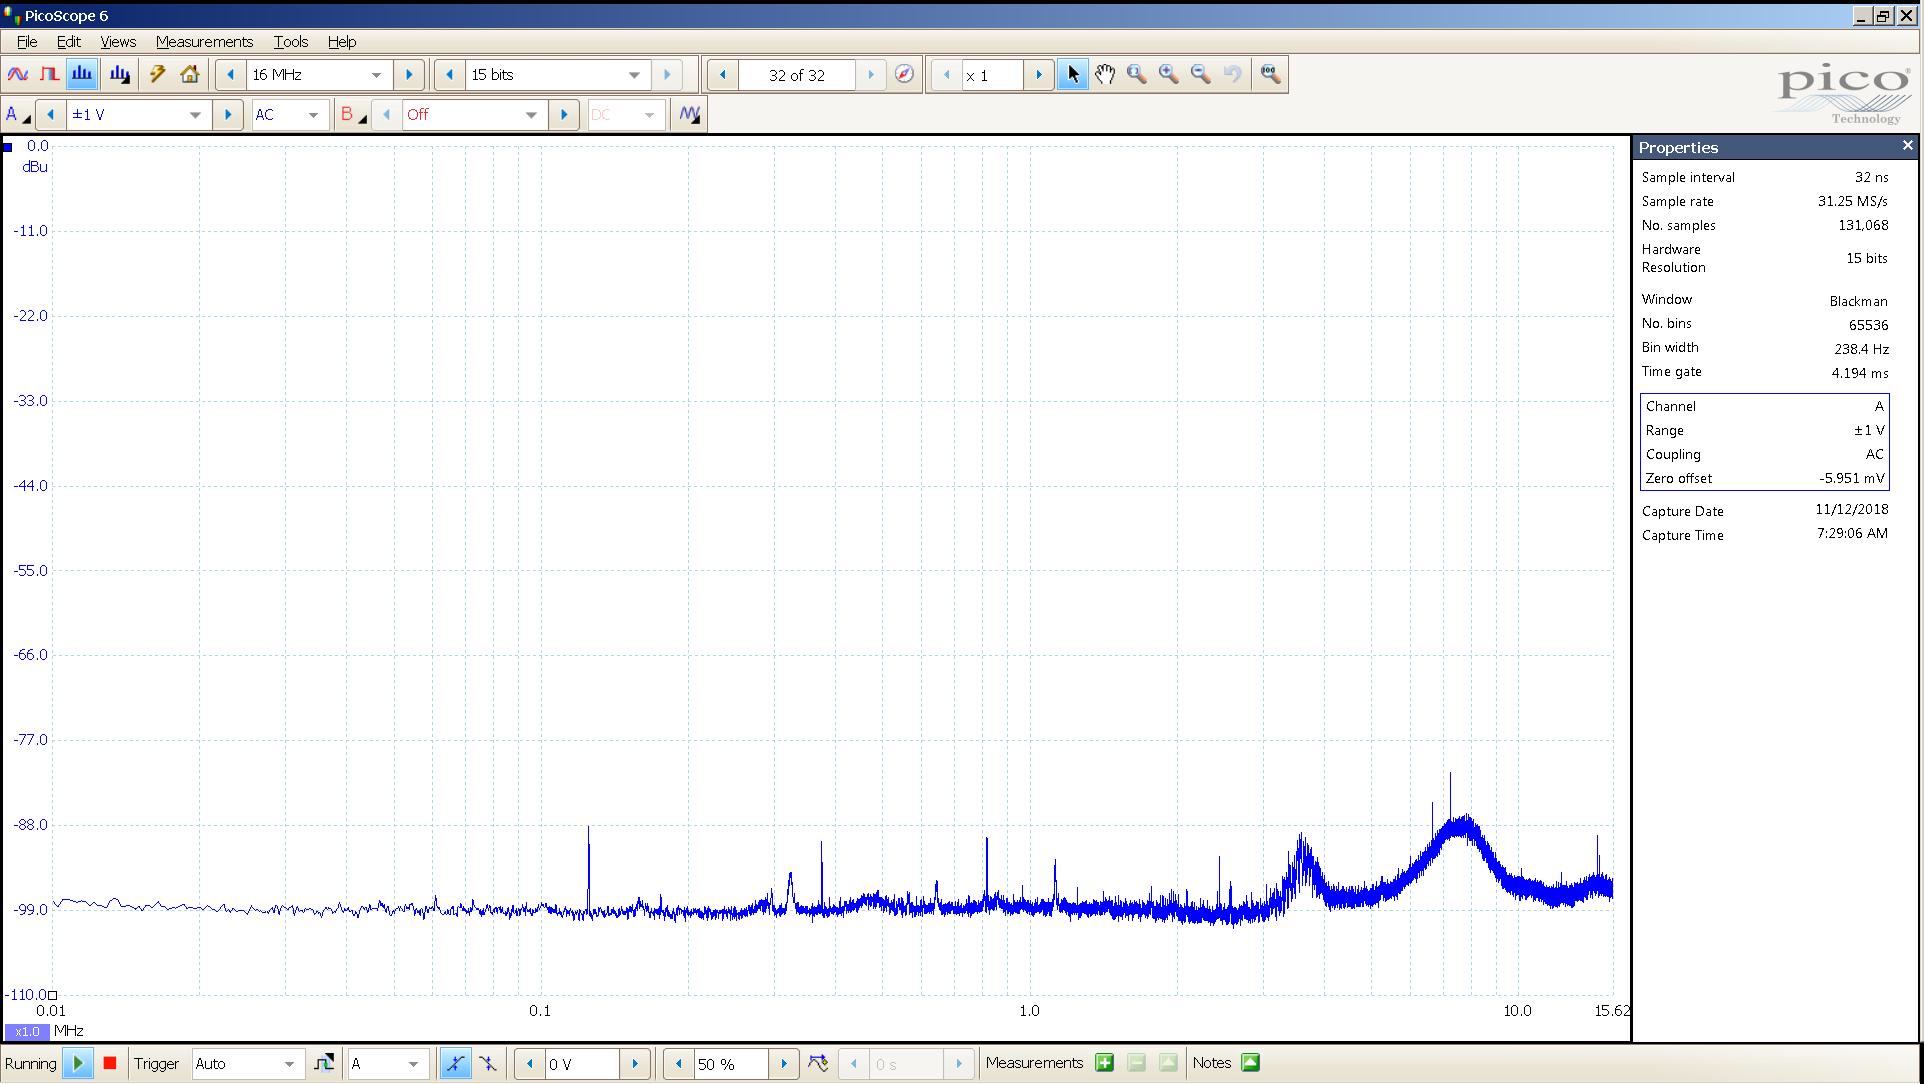 20181112-49 36V 56R residual noise 200mV FFT 10KHz - 15MHz - NoiseNuke.png